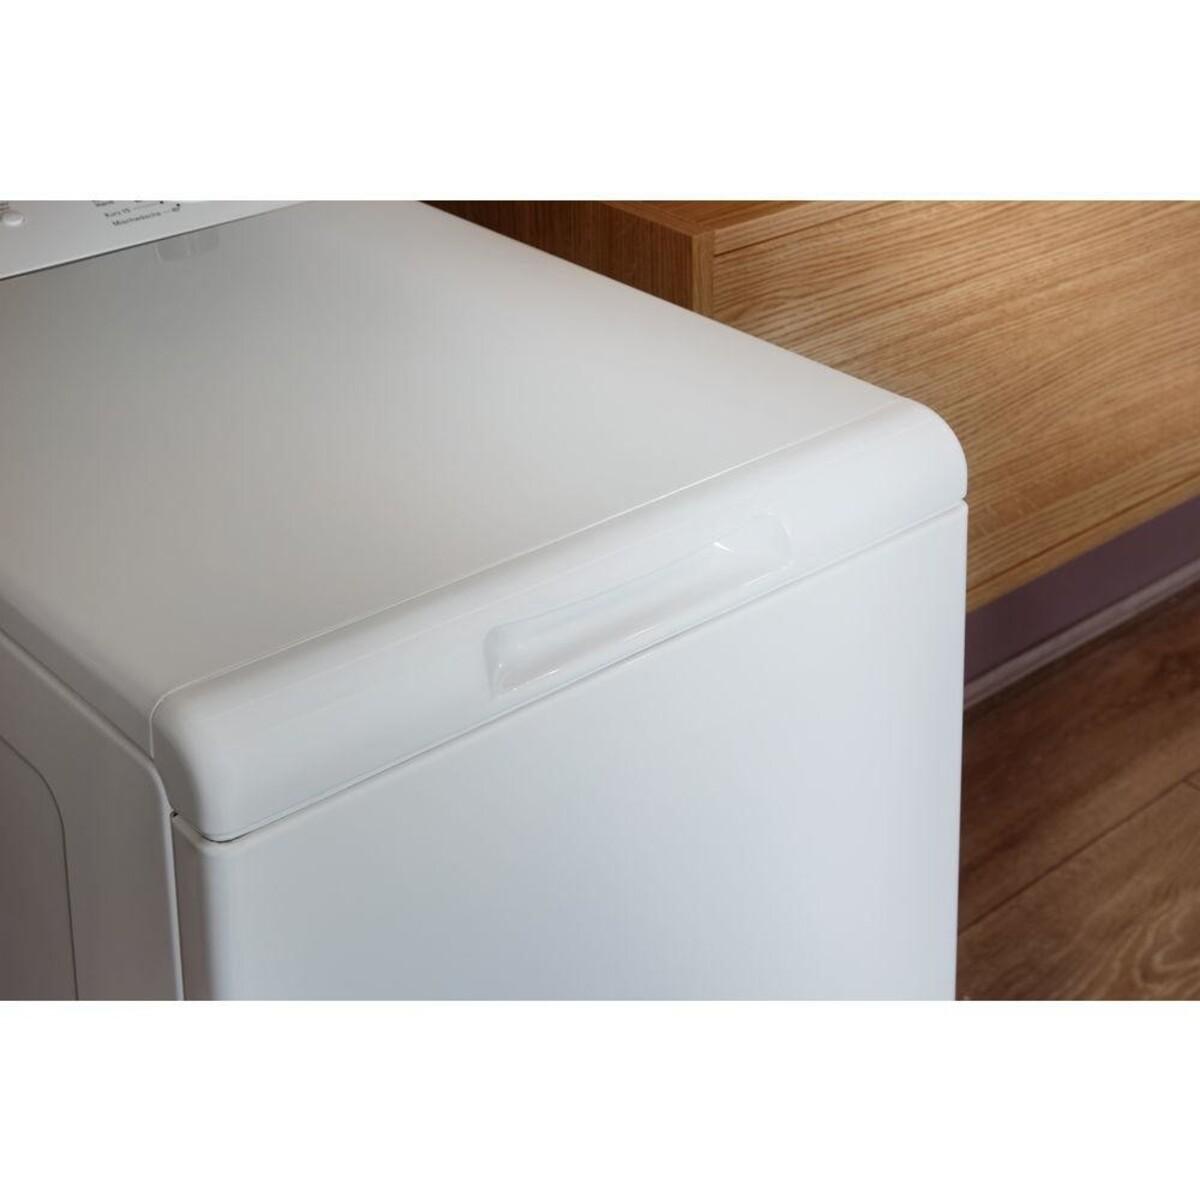 Bild 2 von BAUKNECHT WMT Pro 55U Waschmaschine (EEK: A++, 5,5 kg Fassungsvermögen, Mehrfachwasserschutz+, Mengenautomatik)